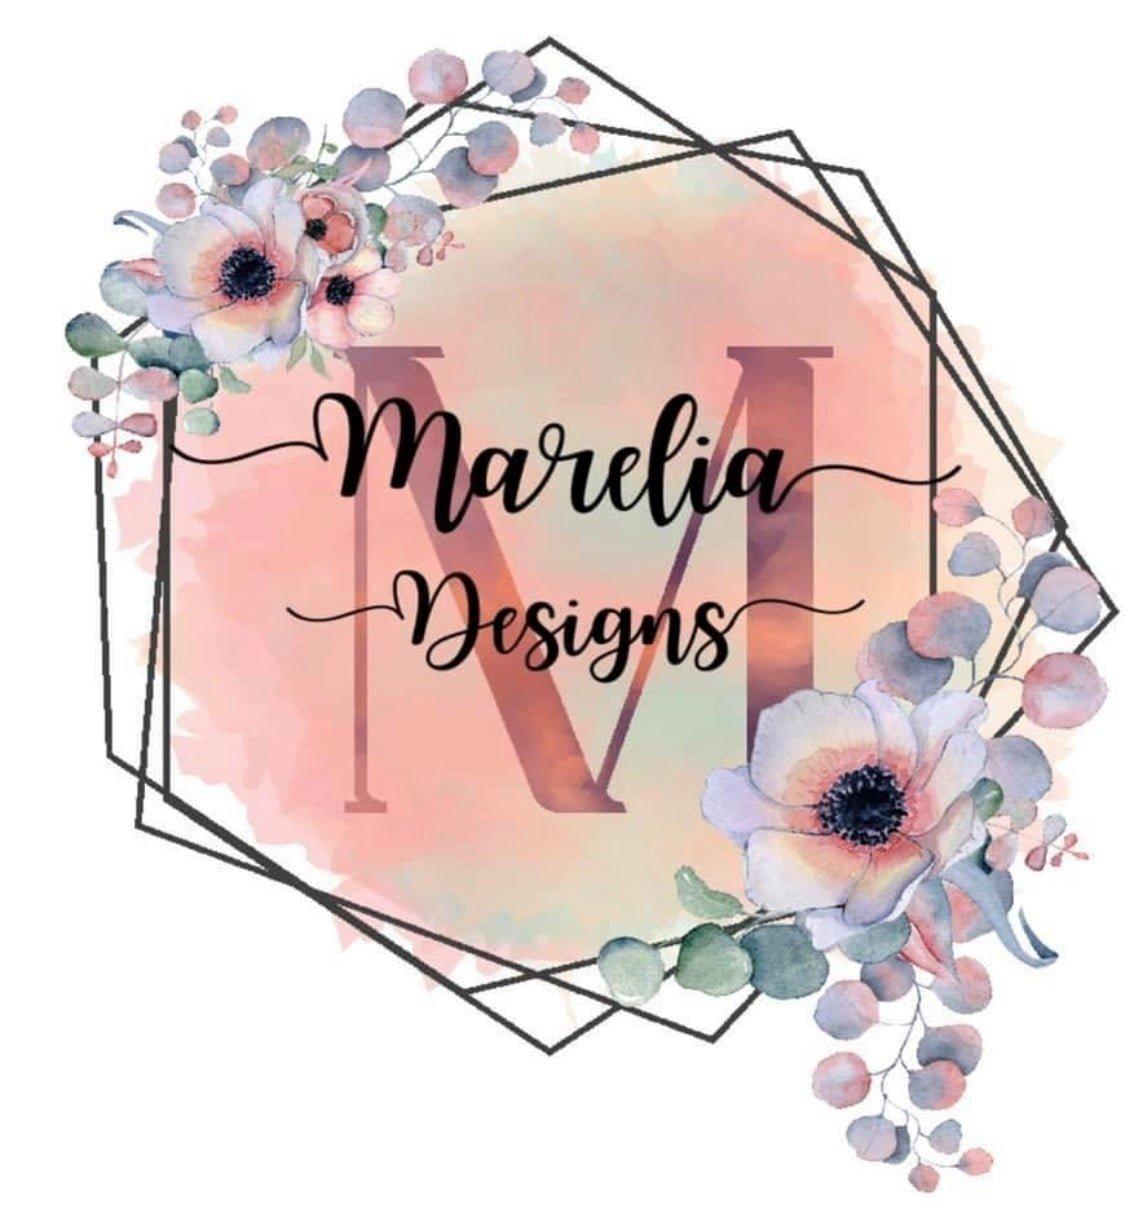 Marelia Designs